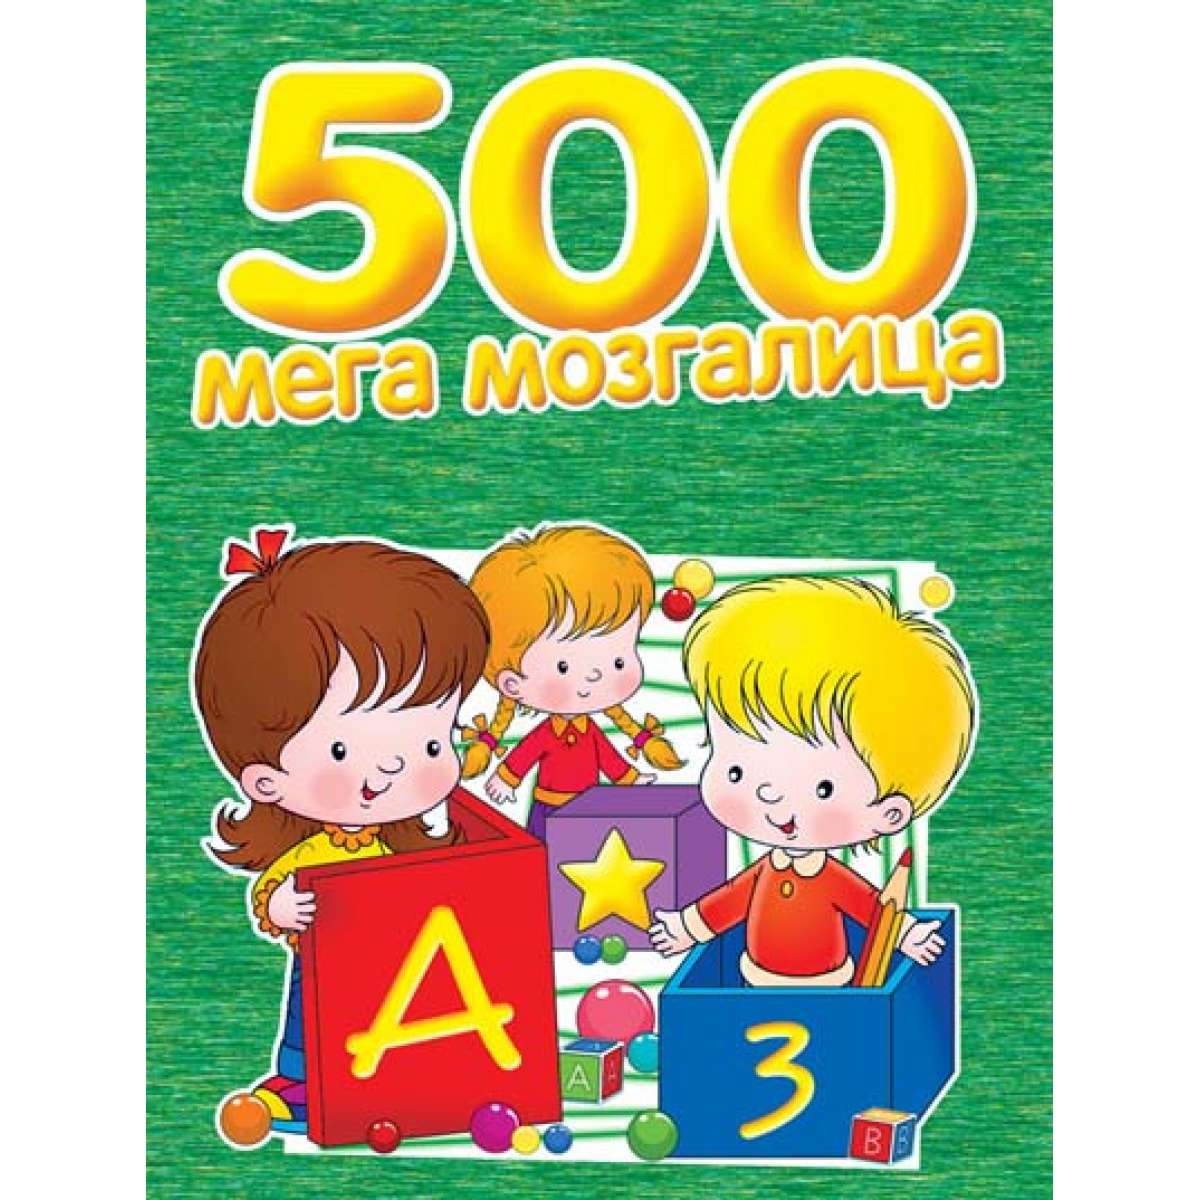 500 MEGA MOZGALICA